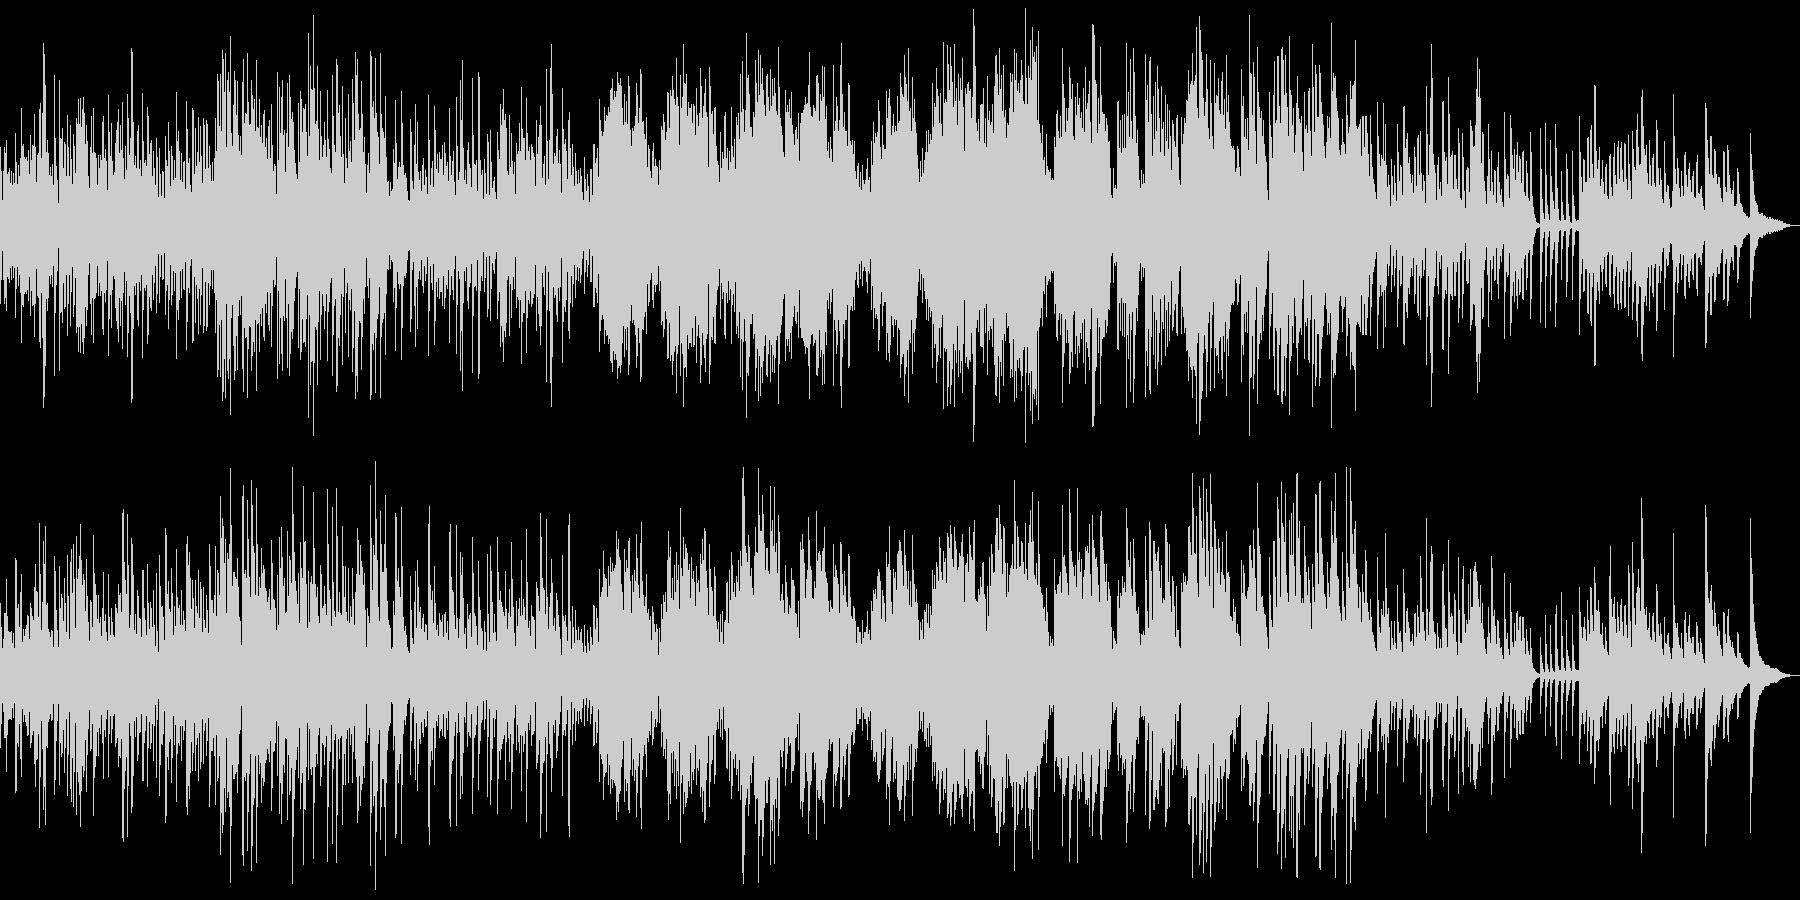 ショパン雨だれクラシックピアノでシックの未再生の波形